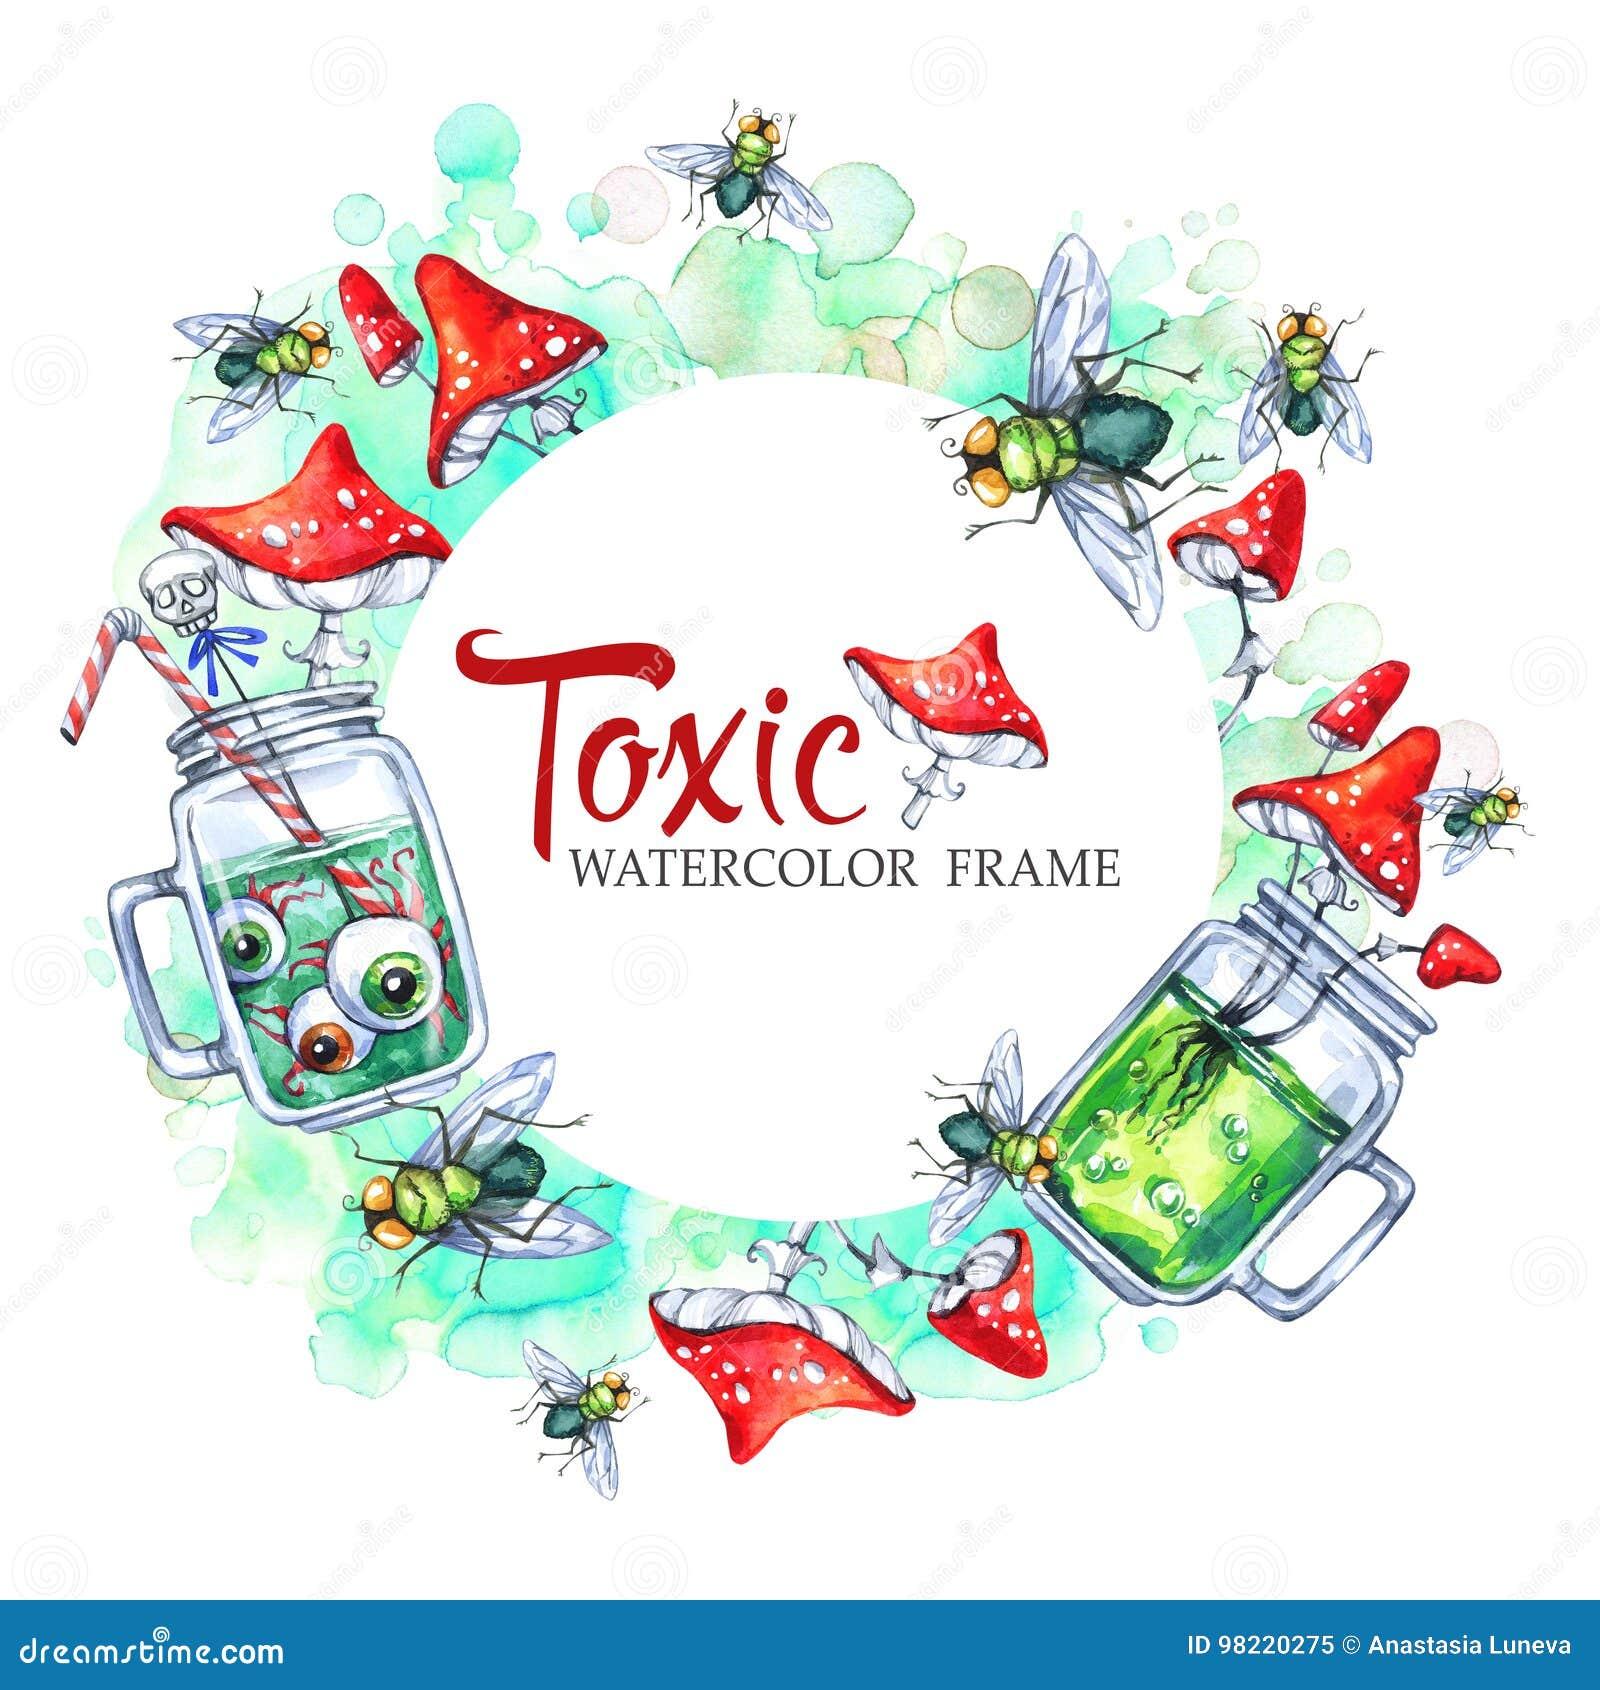 Übergeben Sie gezogenen runden Rahmen mit Aquarellglasschalen mit Trank, Wulstlingen und Fliegen Halloween-Feiertagsillustration